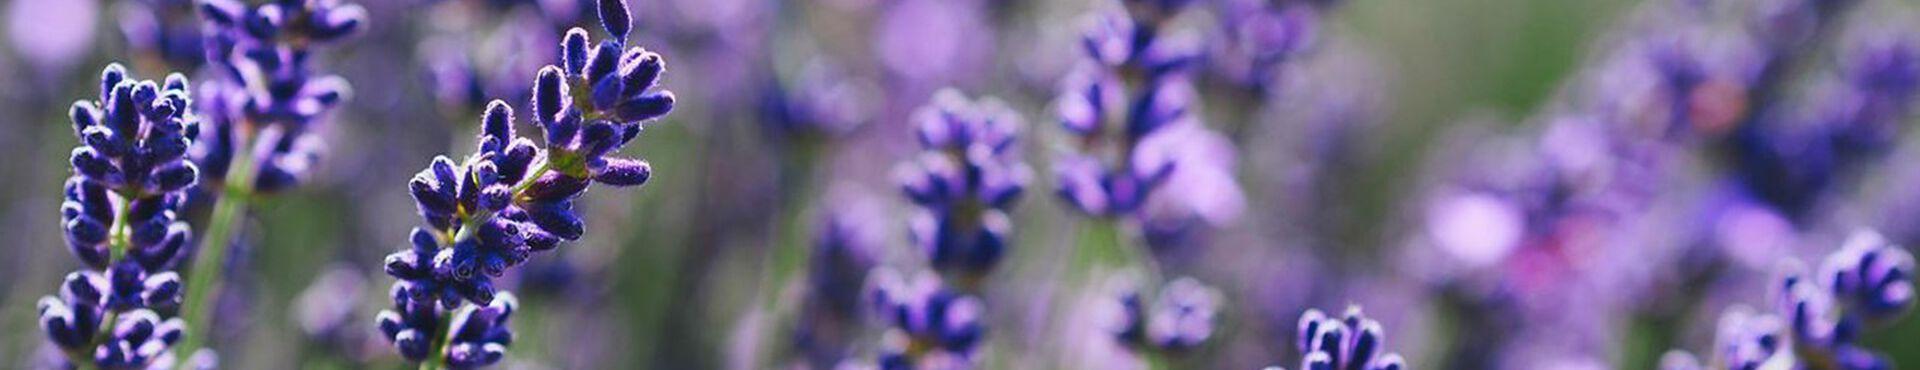 Banner - Ingredients in Bloom